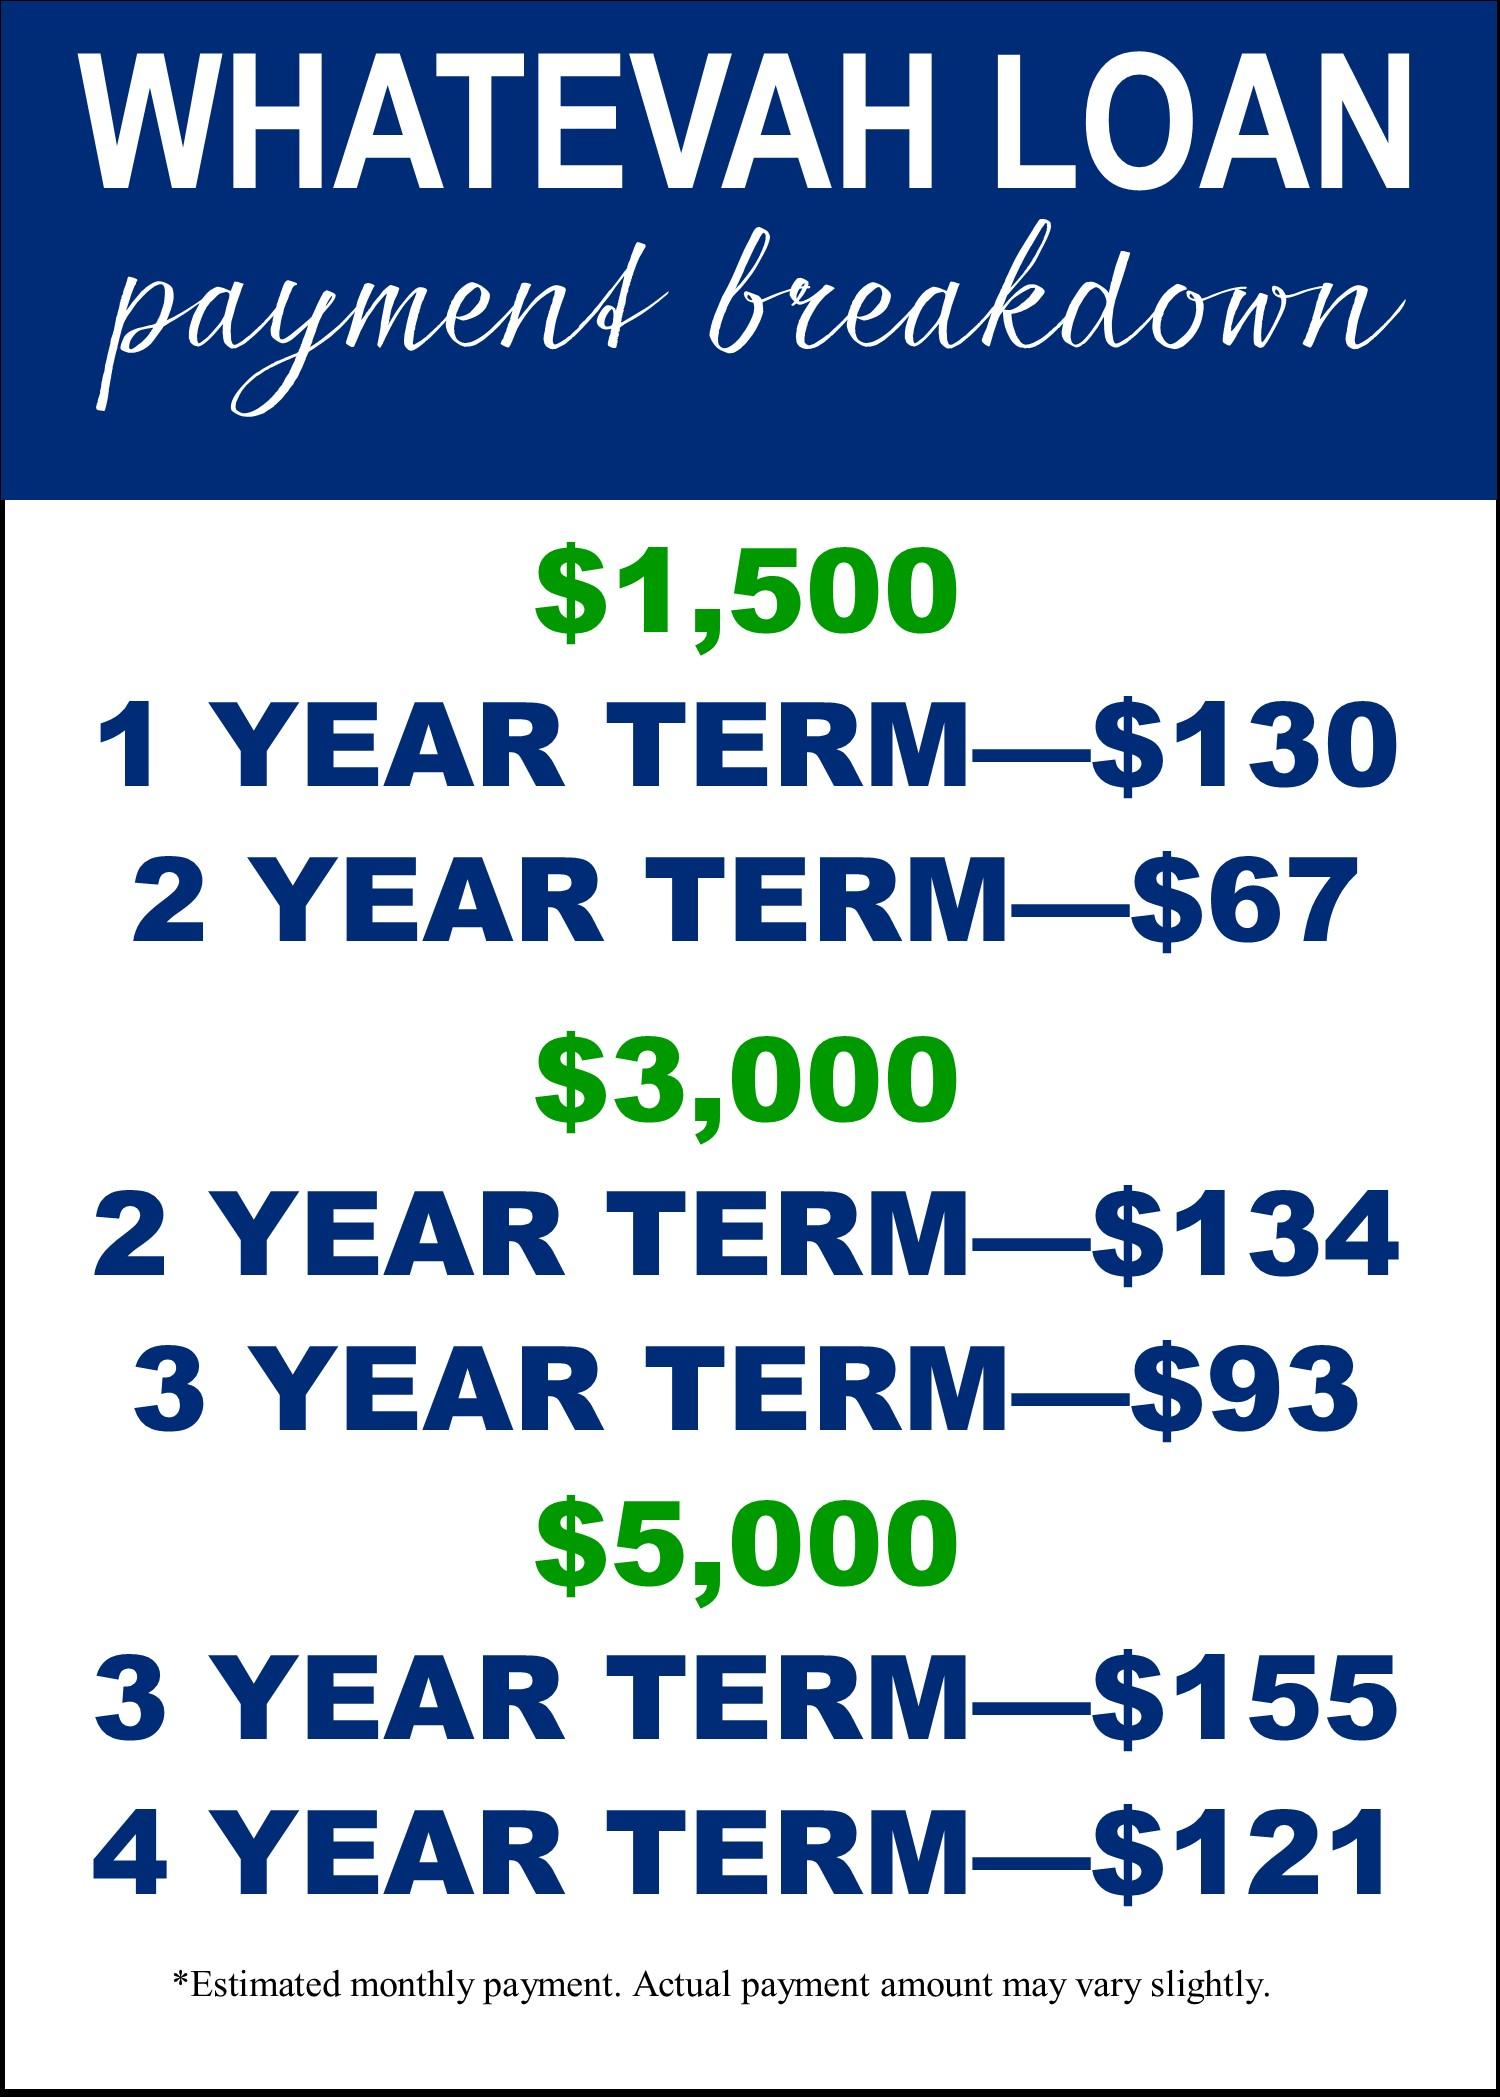 whatevah loan payment breakdown